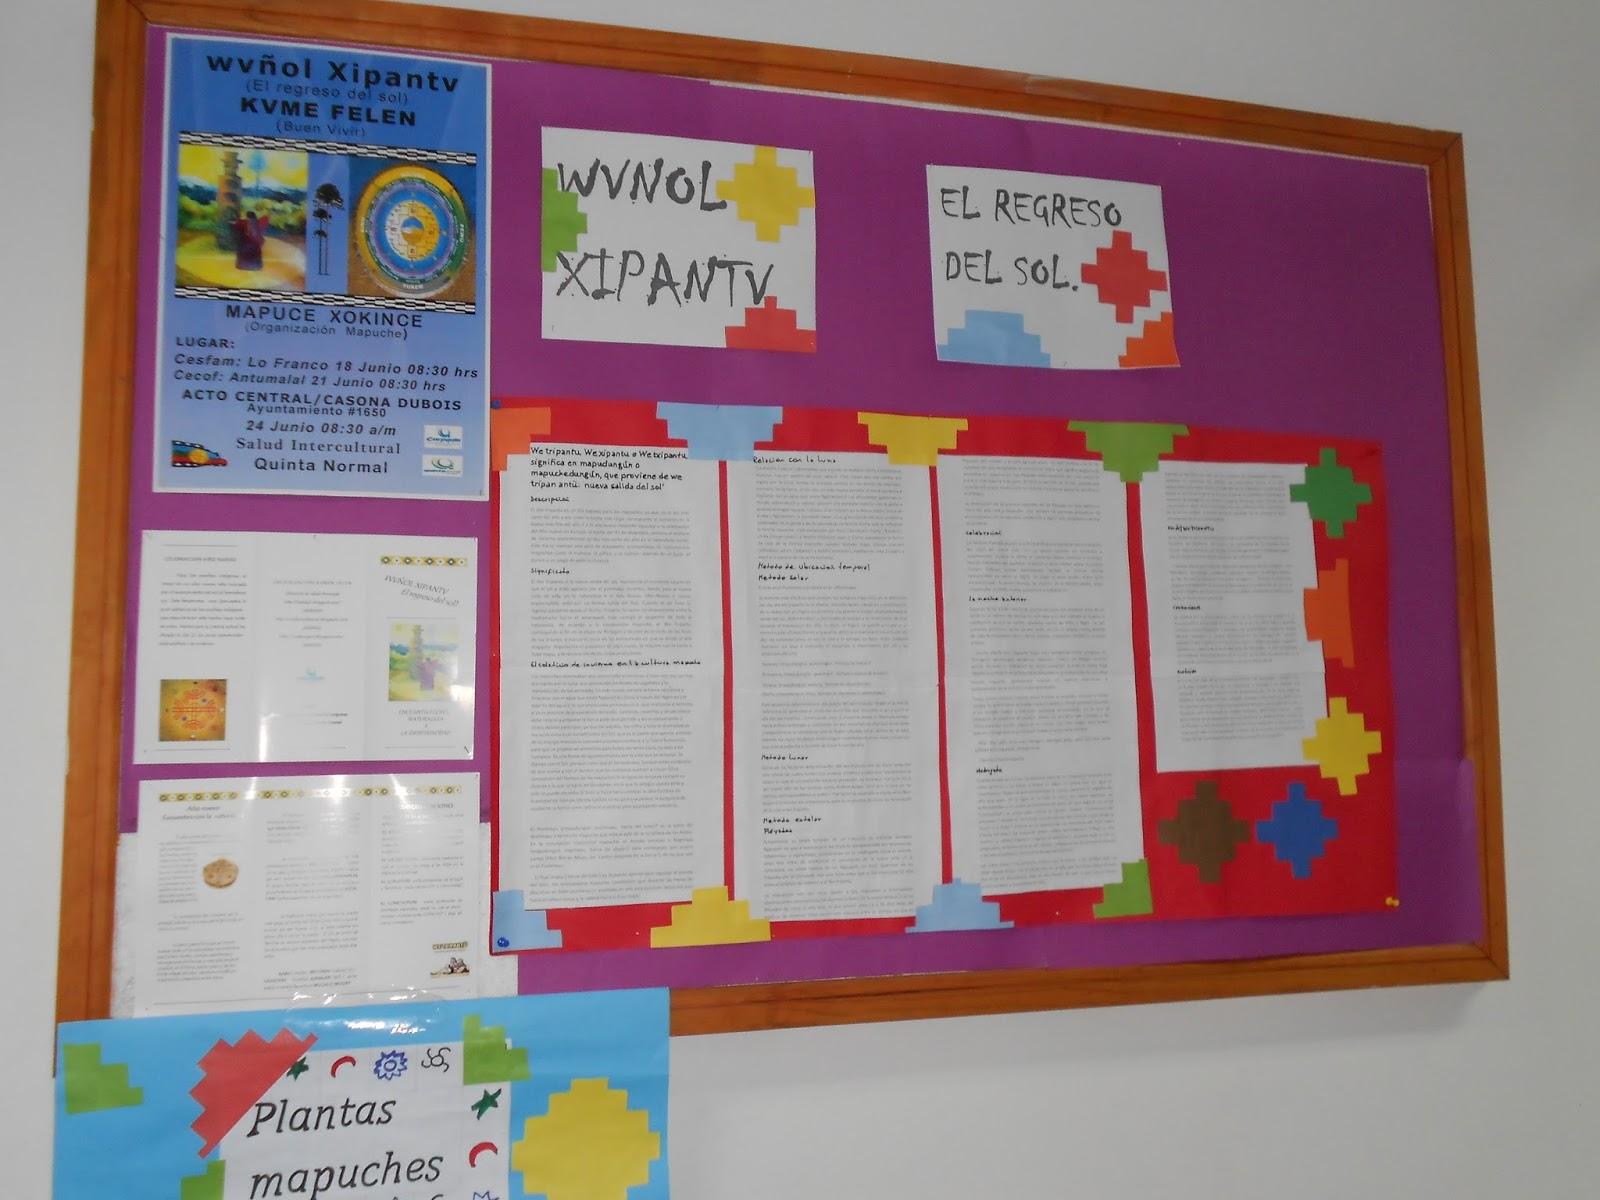 Centro de salud familiar gar n for Diario mural fiestas patrias chile